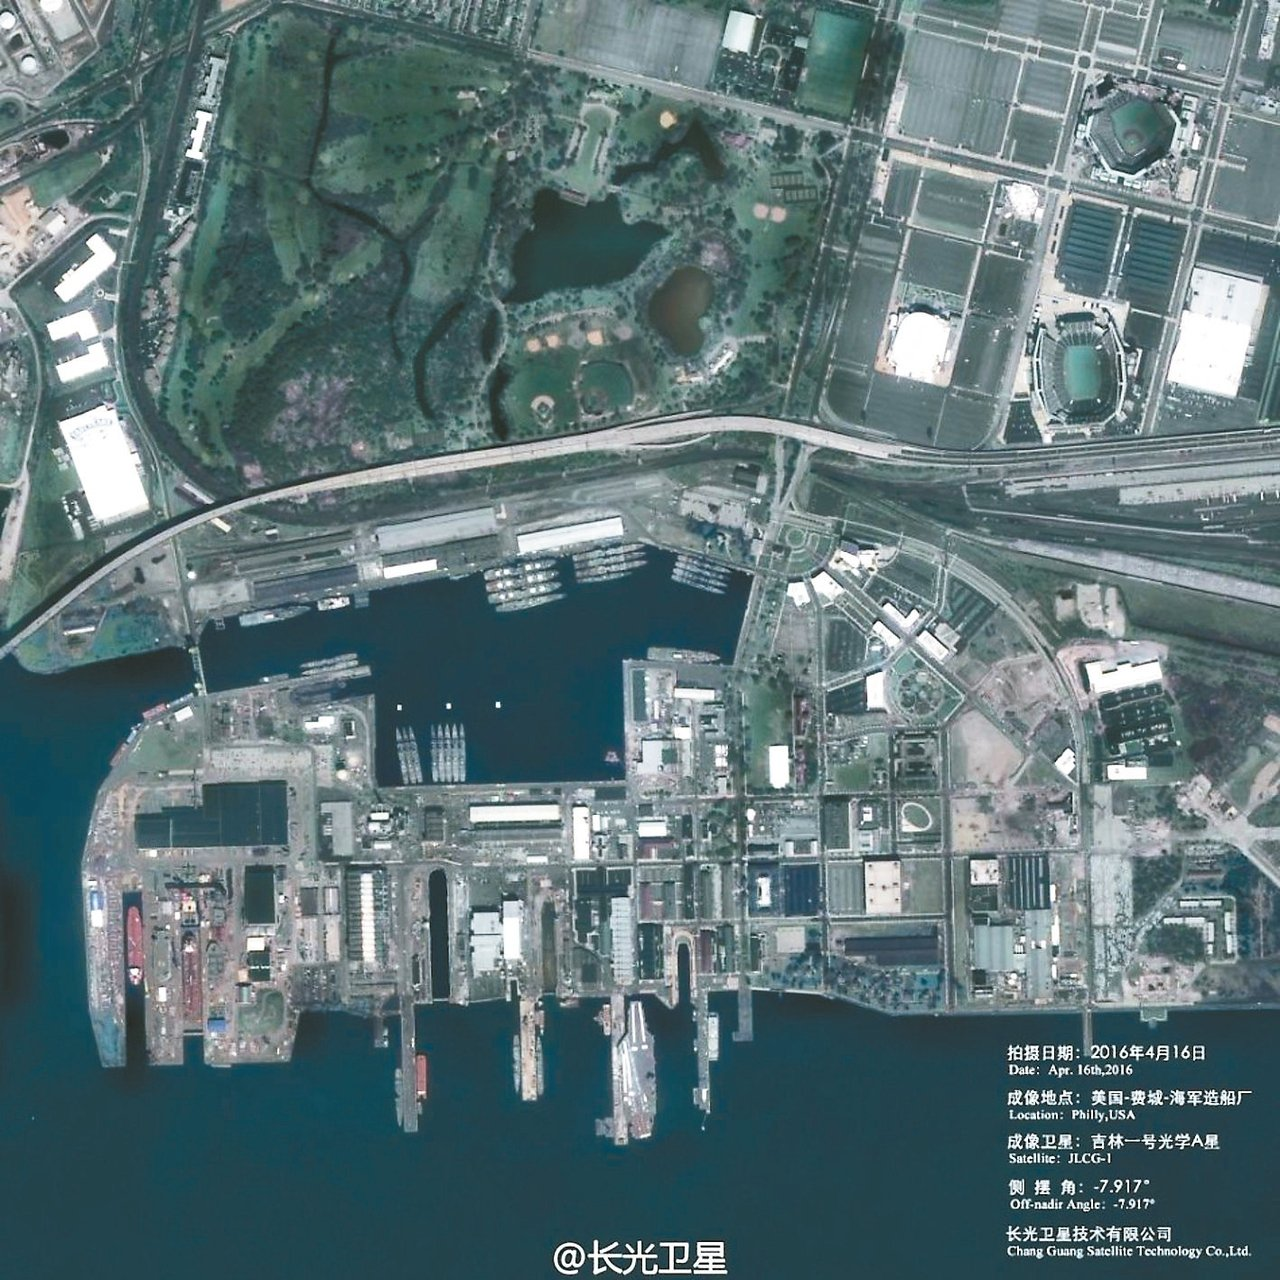 中國軍方:美國對華武器禁運是冷戰思維